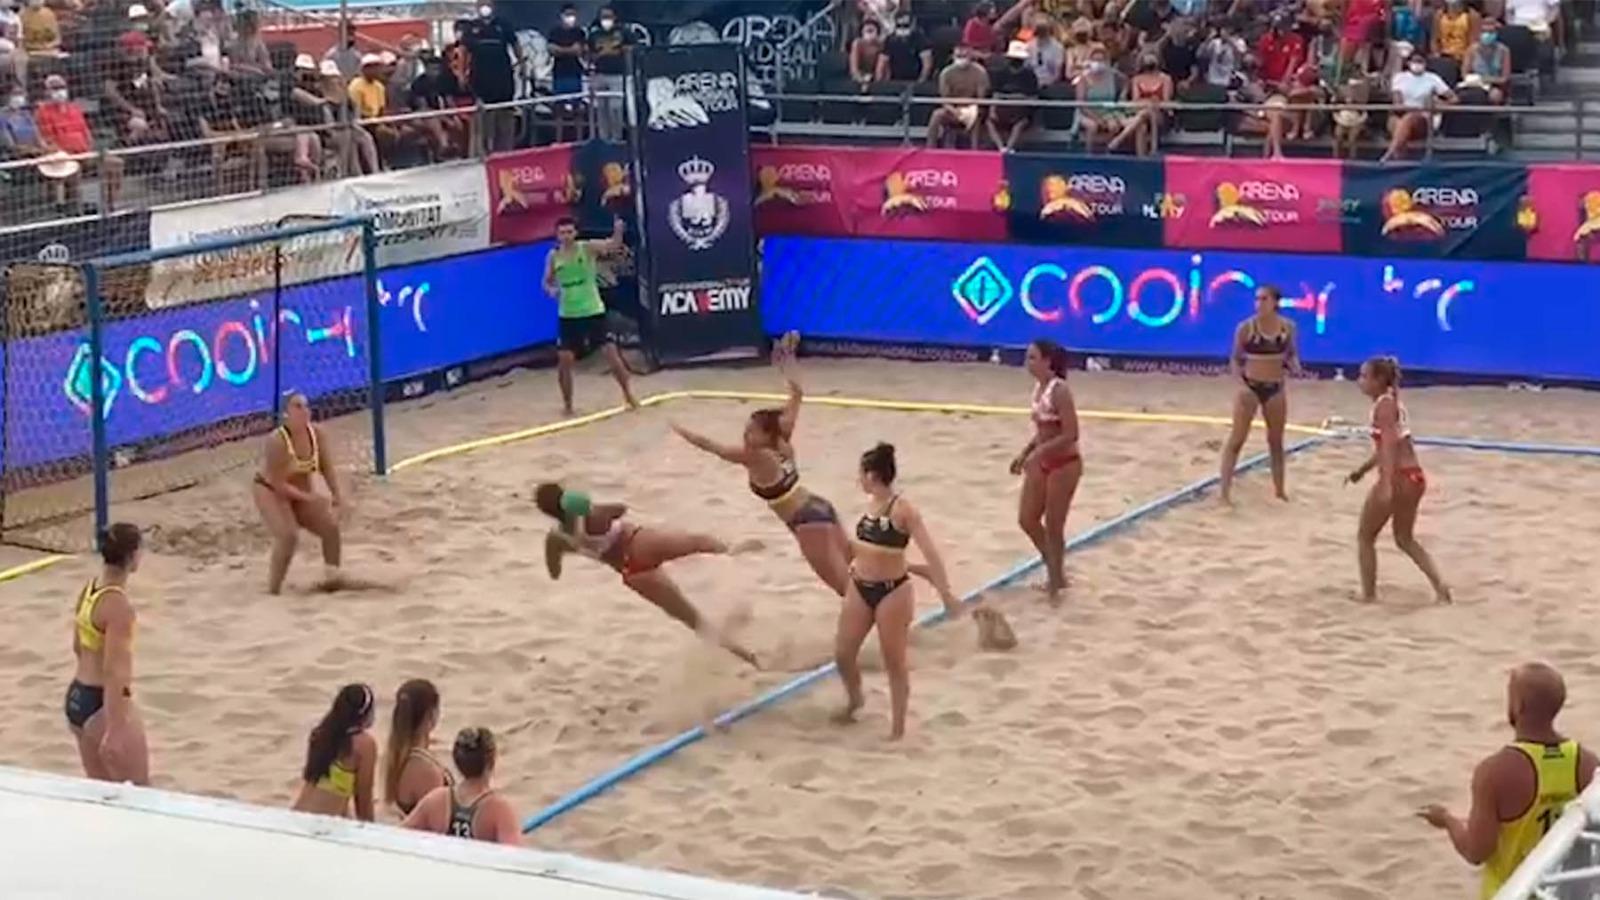 Imagen de la final del Campeonato de España de balonmano playa.